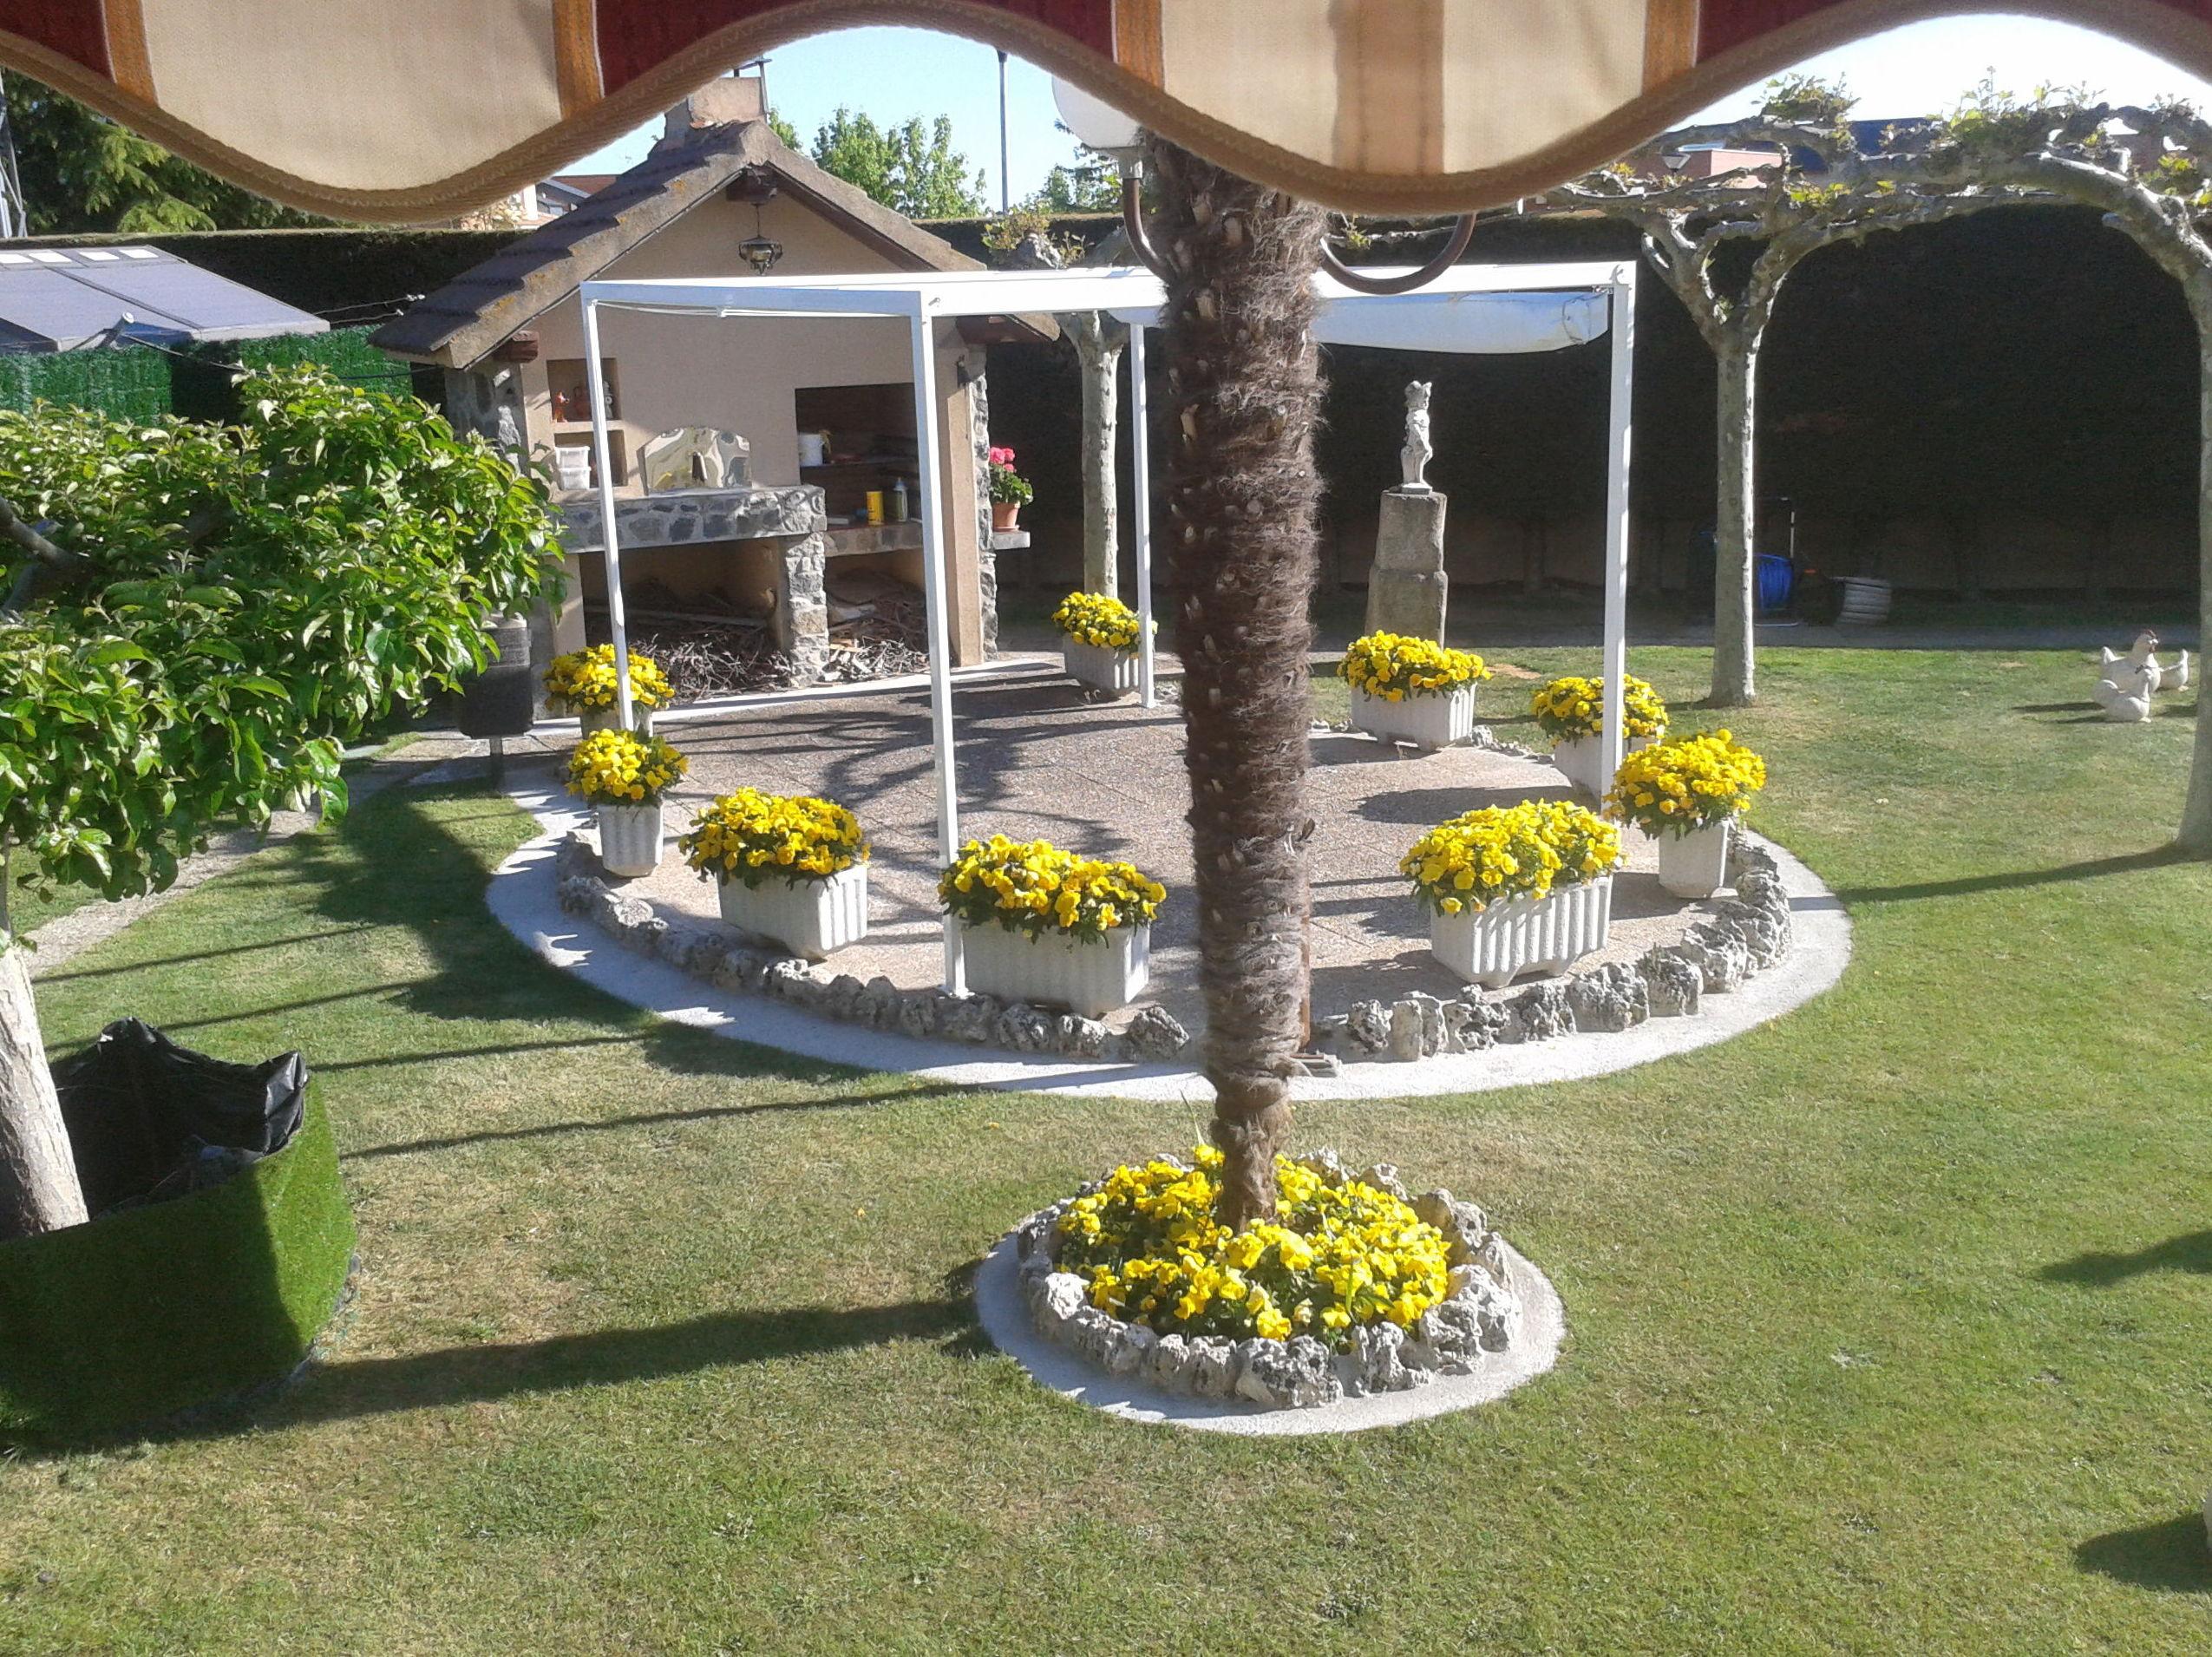 Foto 10 de Jardines (diseño y mantenimiento) en Corrales | Jardiner Zamora